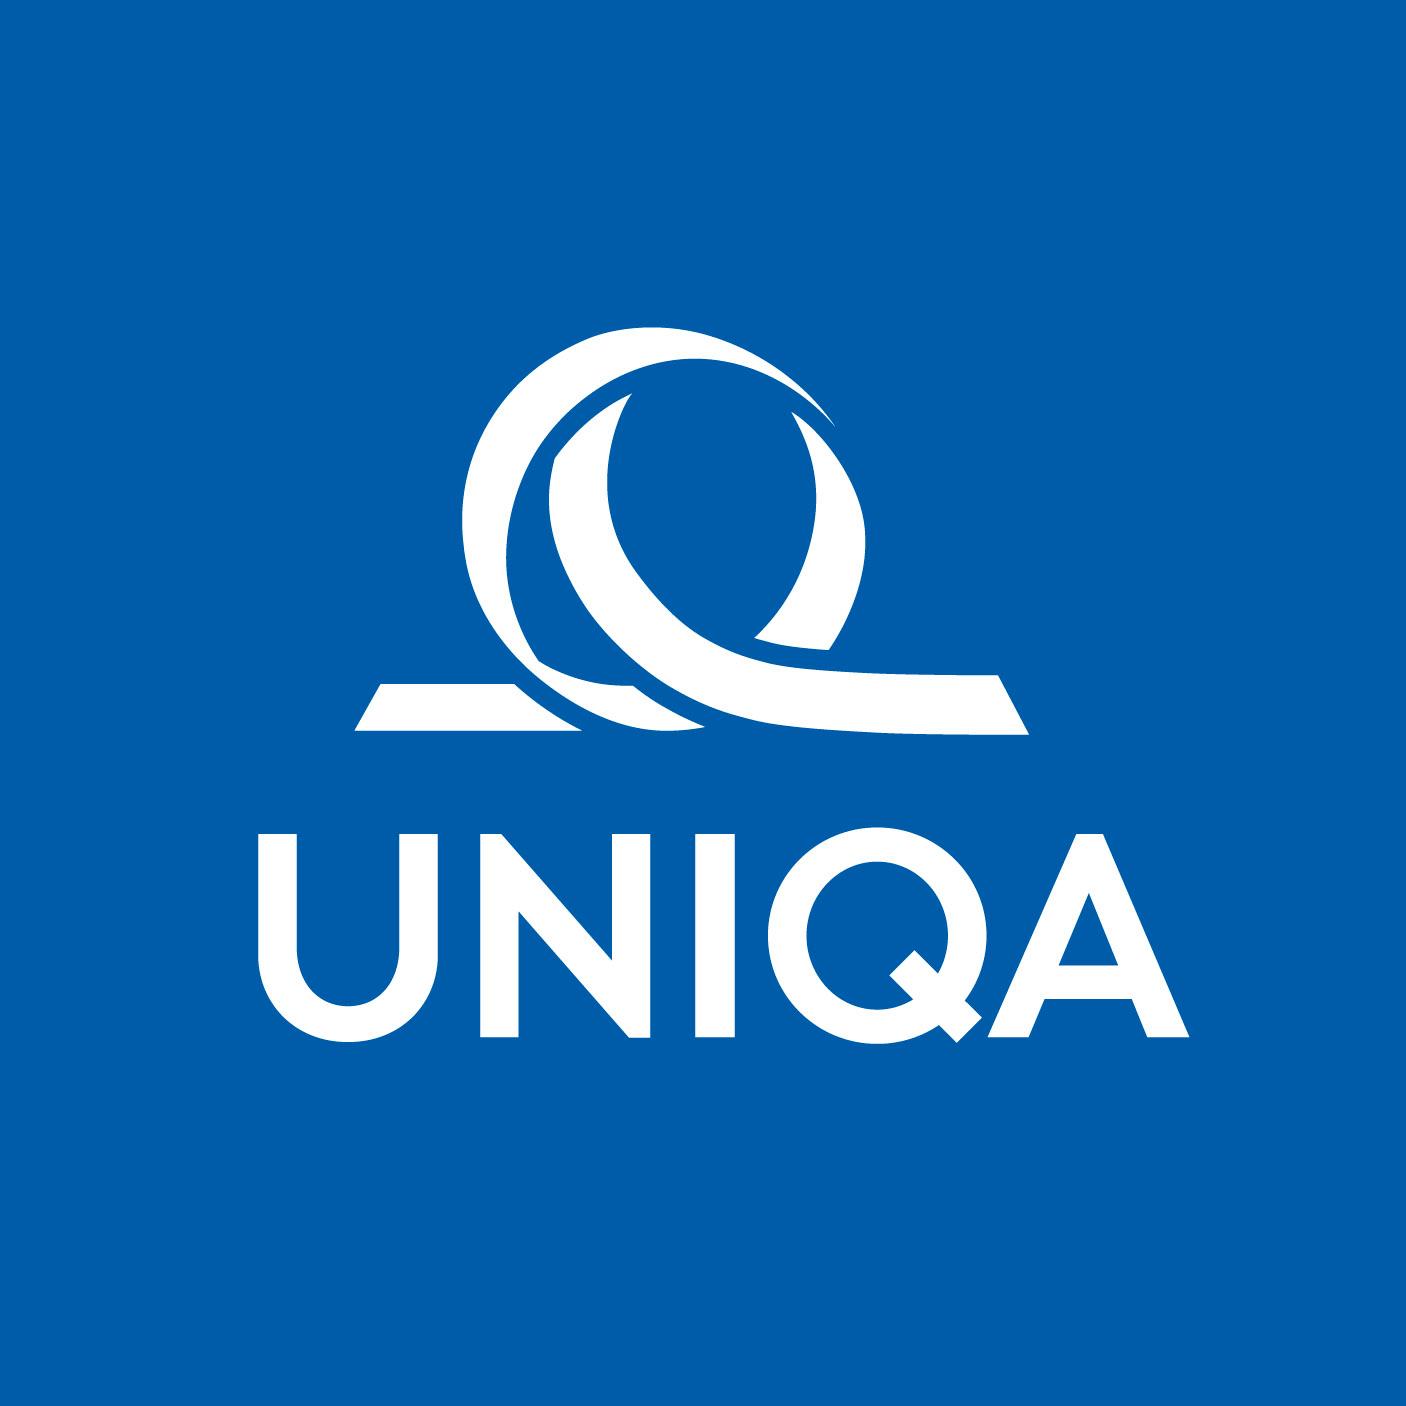 UNIQA ServiceCenter & KFZ Zulassungsstelle Liesing